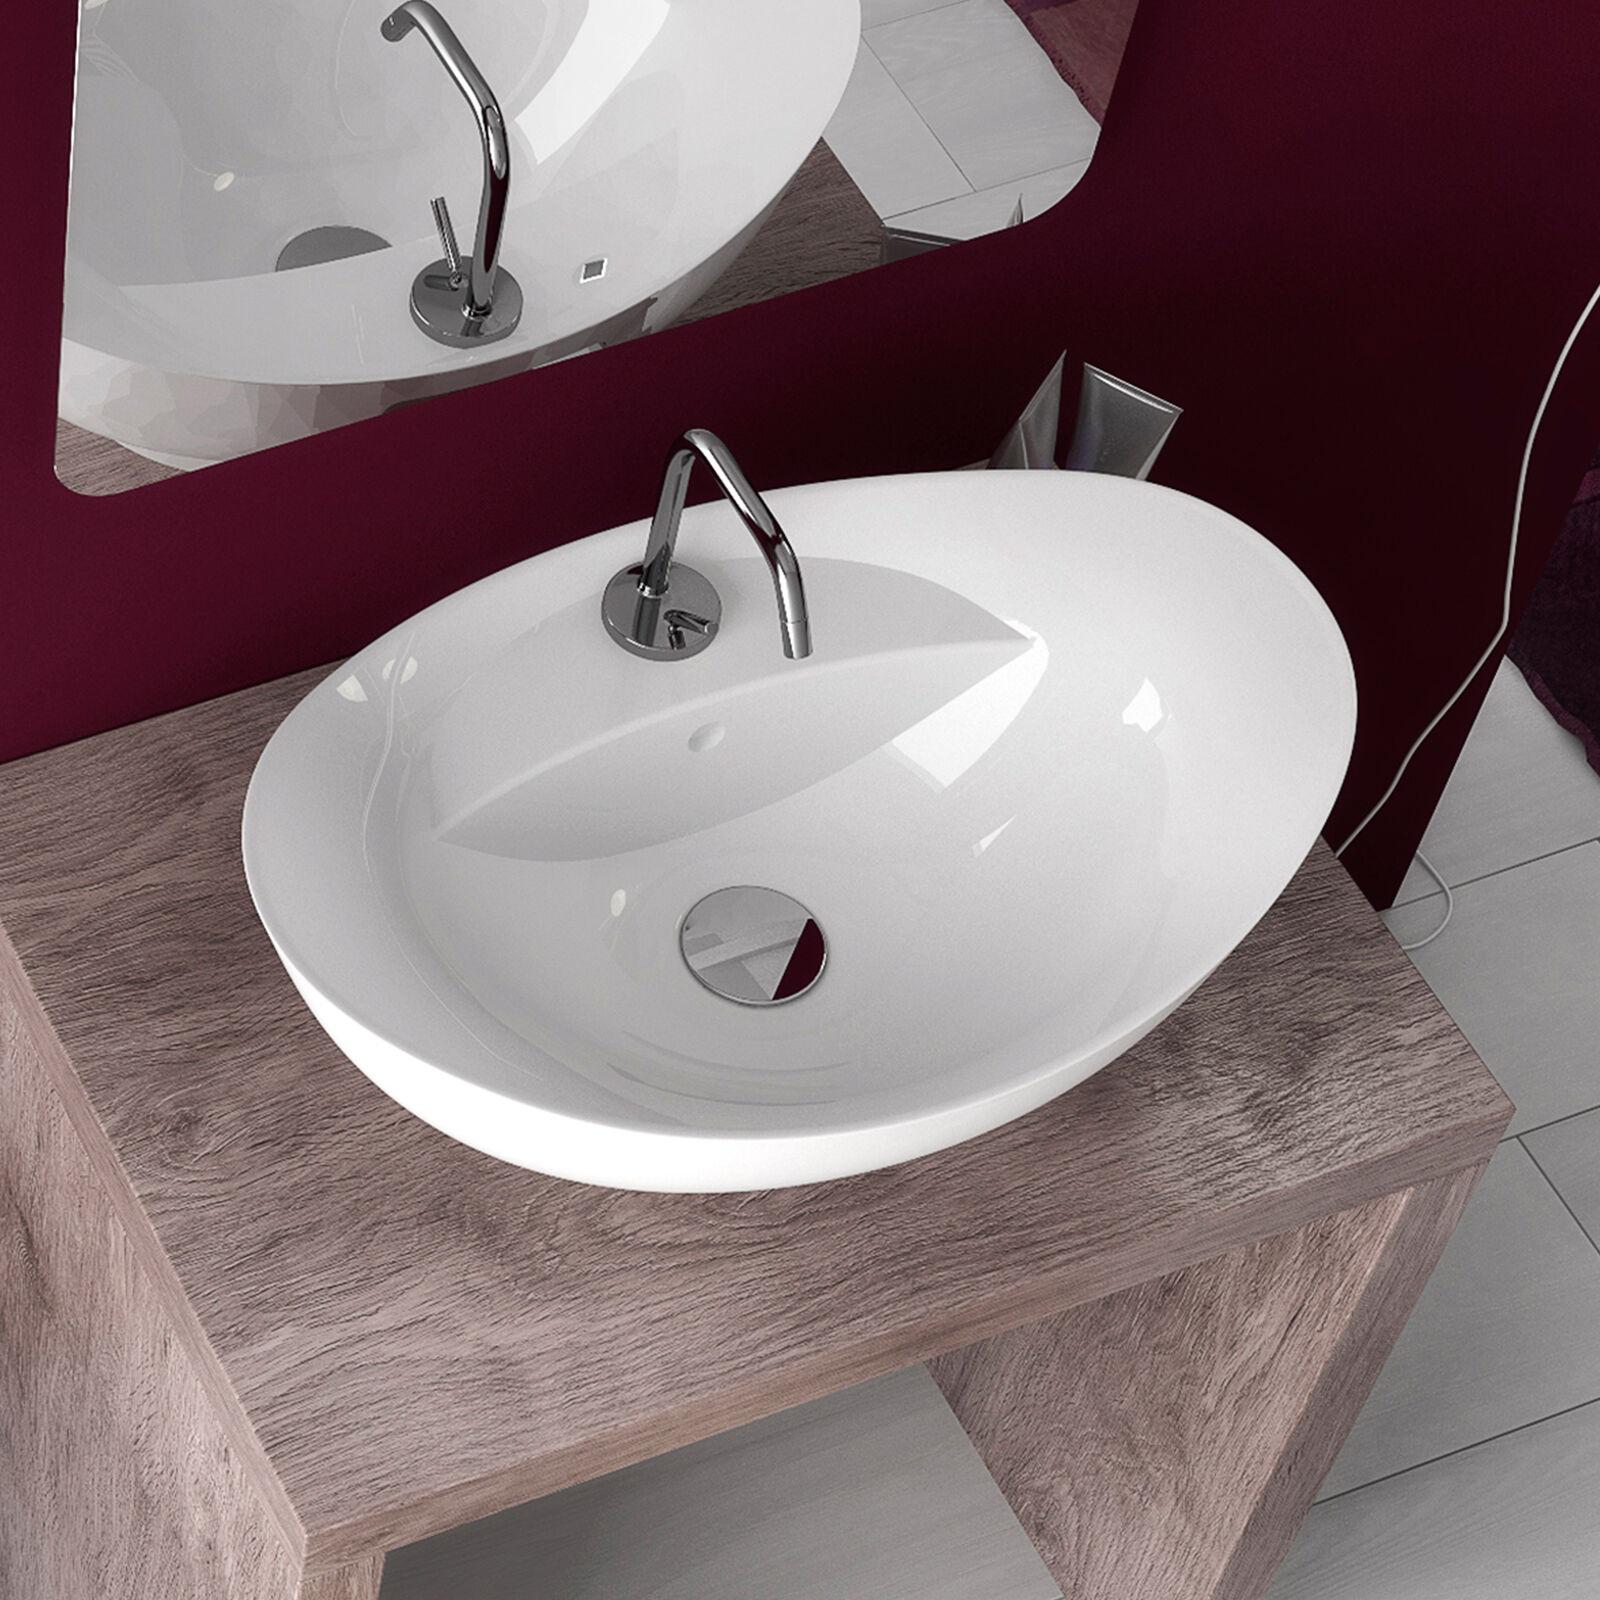 Lavabo bagno da appoggio in ceramica bianco monoforo monoforo monoforo 58,5x39 cm bacinella design c8cfb1